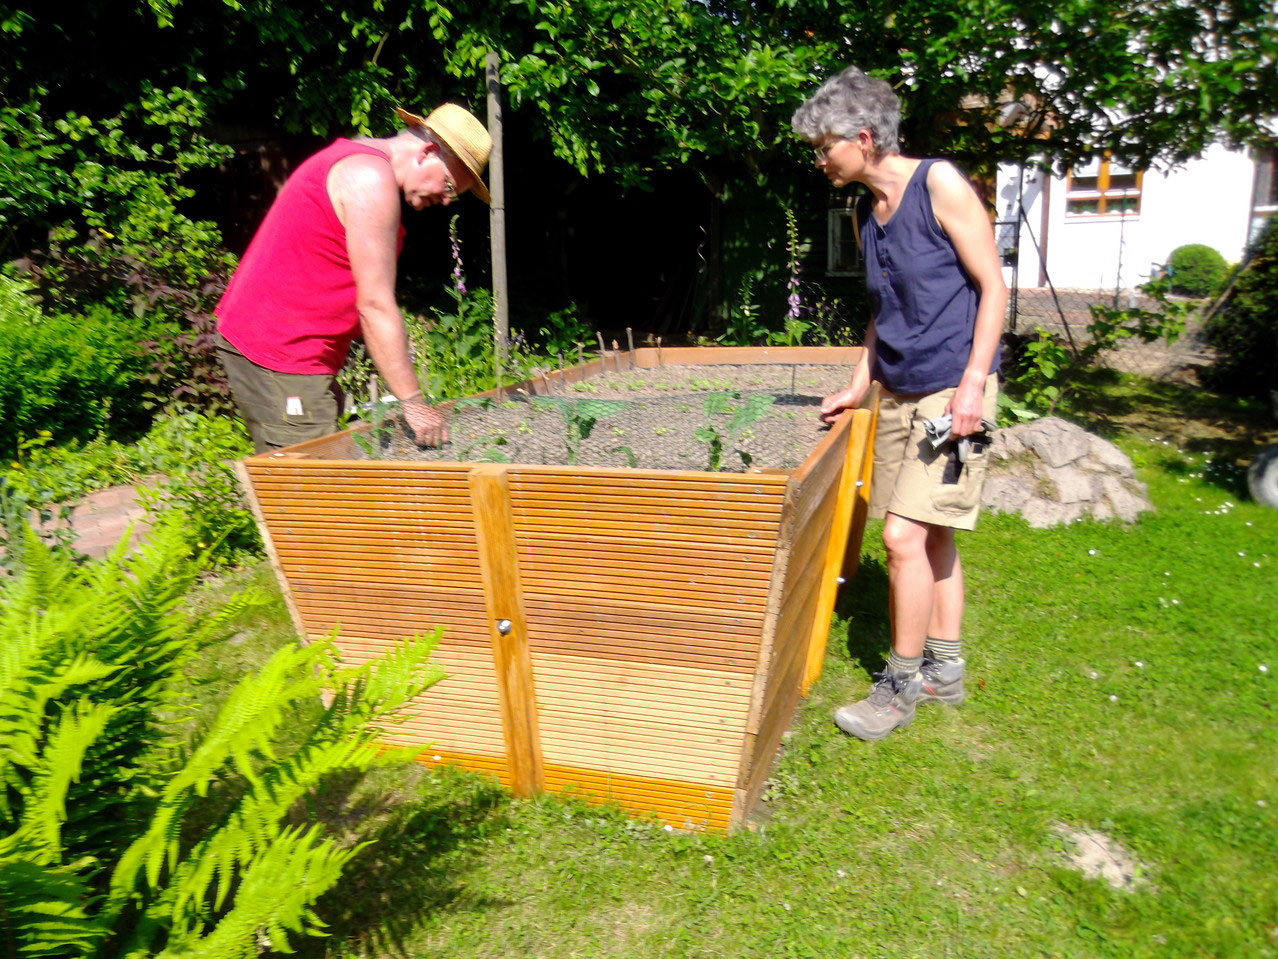 Barrierefreier garten peter korfmacher gartengestaltung for Gartengestaltung unterschiedliche hohen